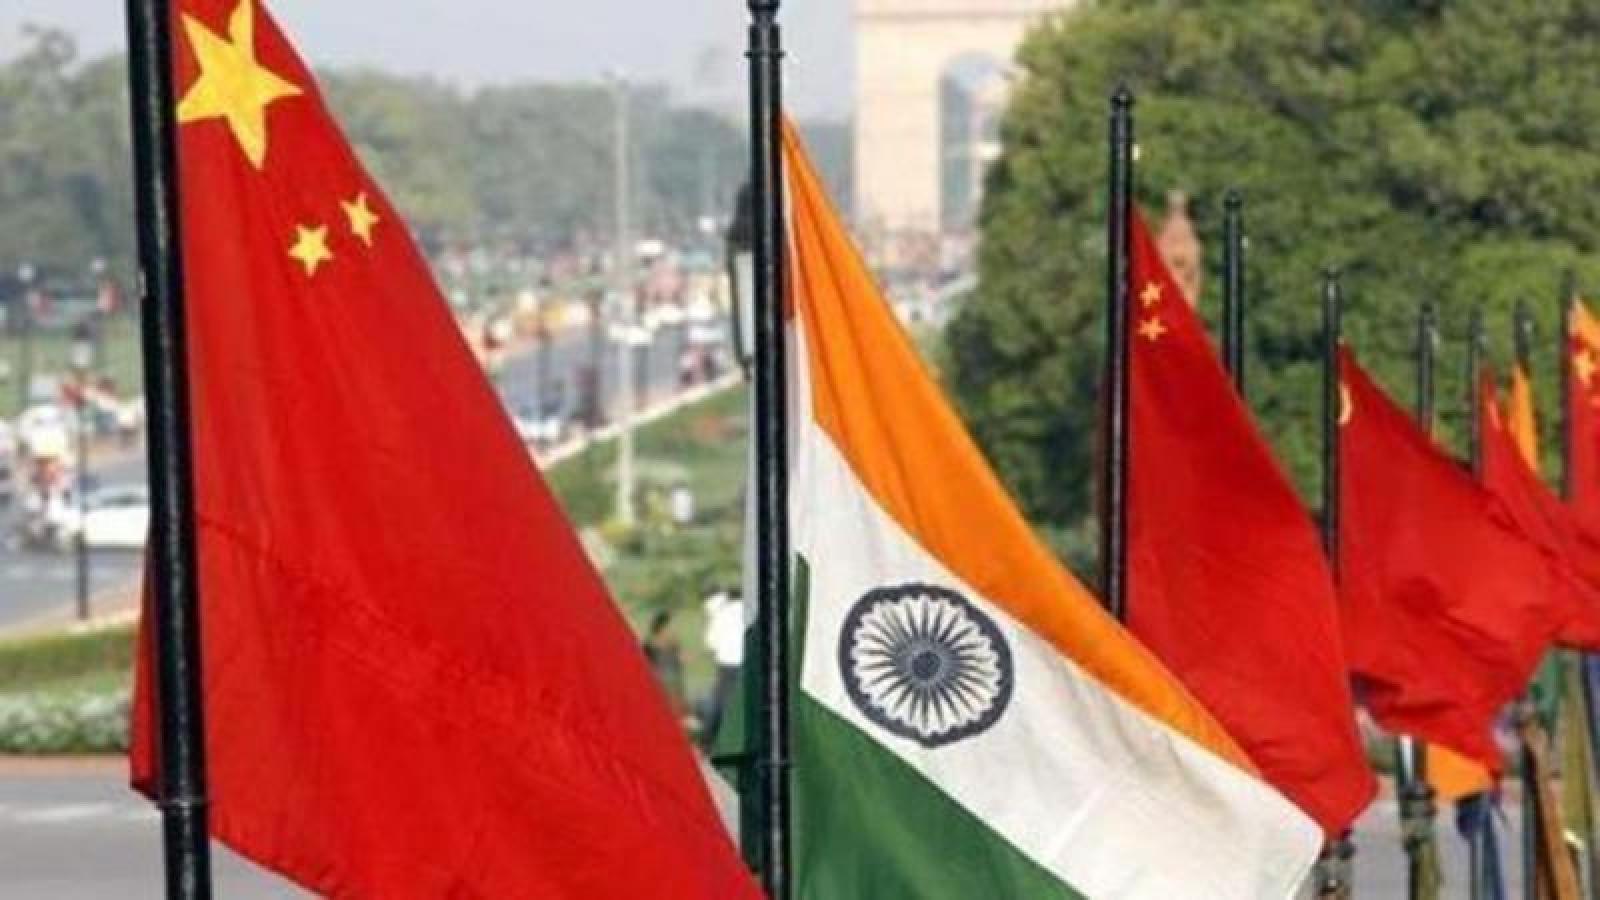 """Trung Quốc nhất trí cùng Ấn Độ """"hạ nhiệt"""" tình hình biên giới"""